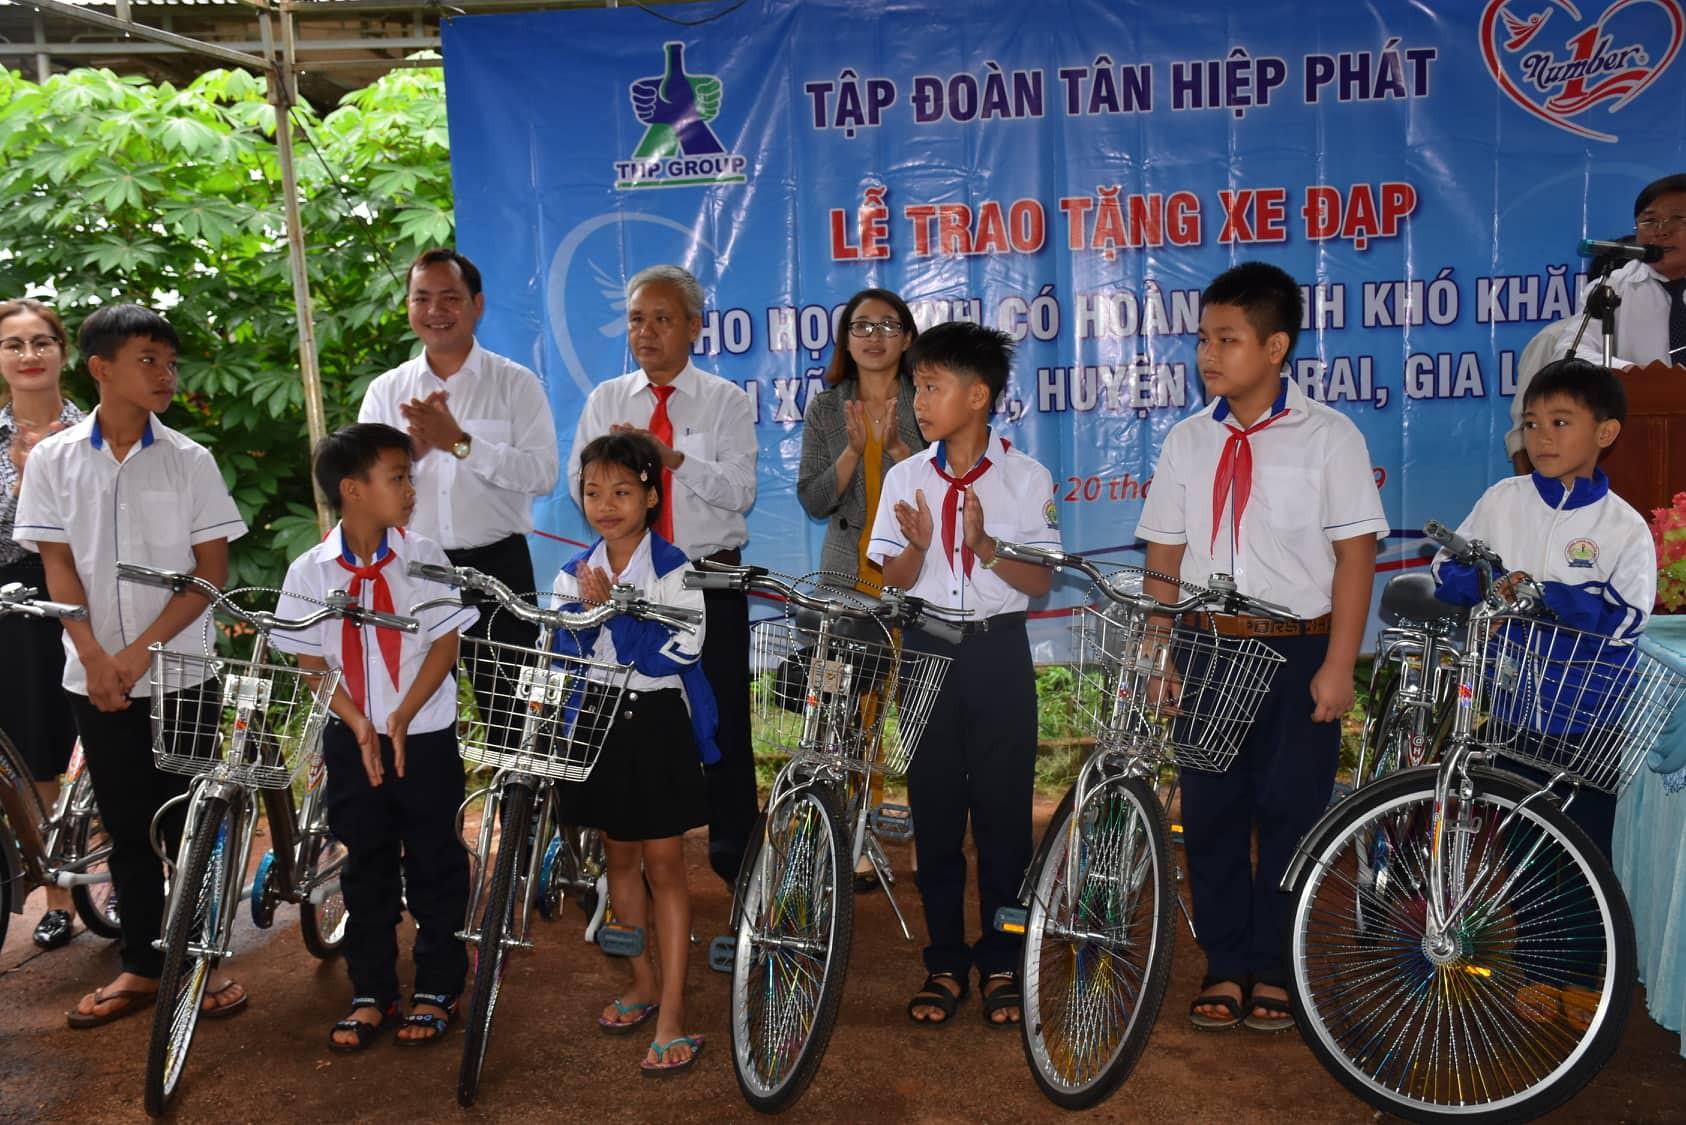 Trao tặng 50 chiếc xe đạp cho học sinh nghèo tại vùng biên giới tỉnh Gia Lai trước năm học mới. - Ảnh 1.